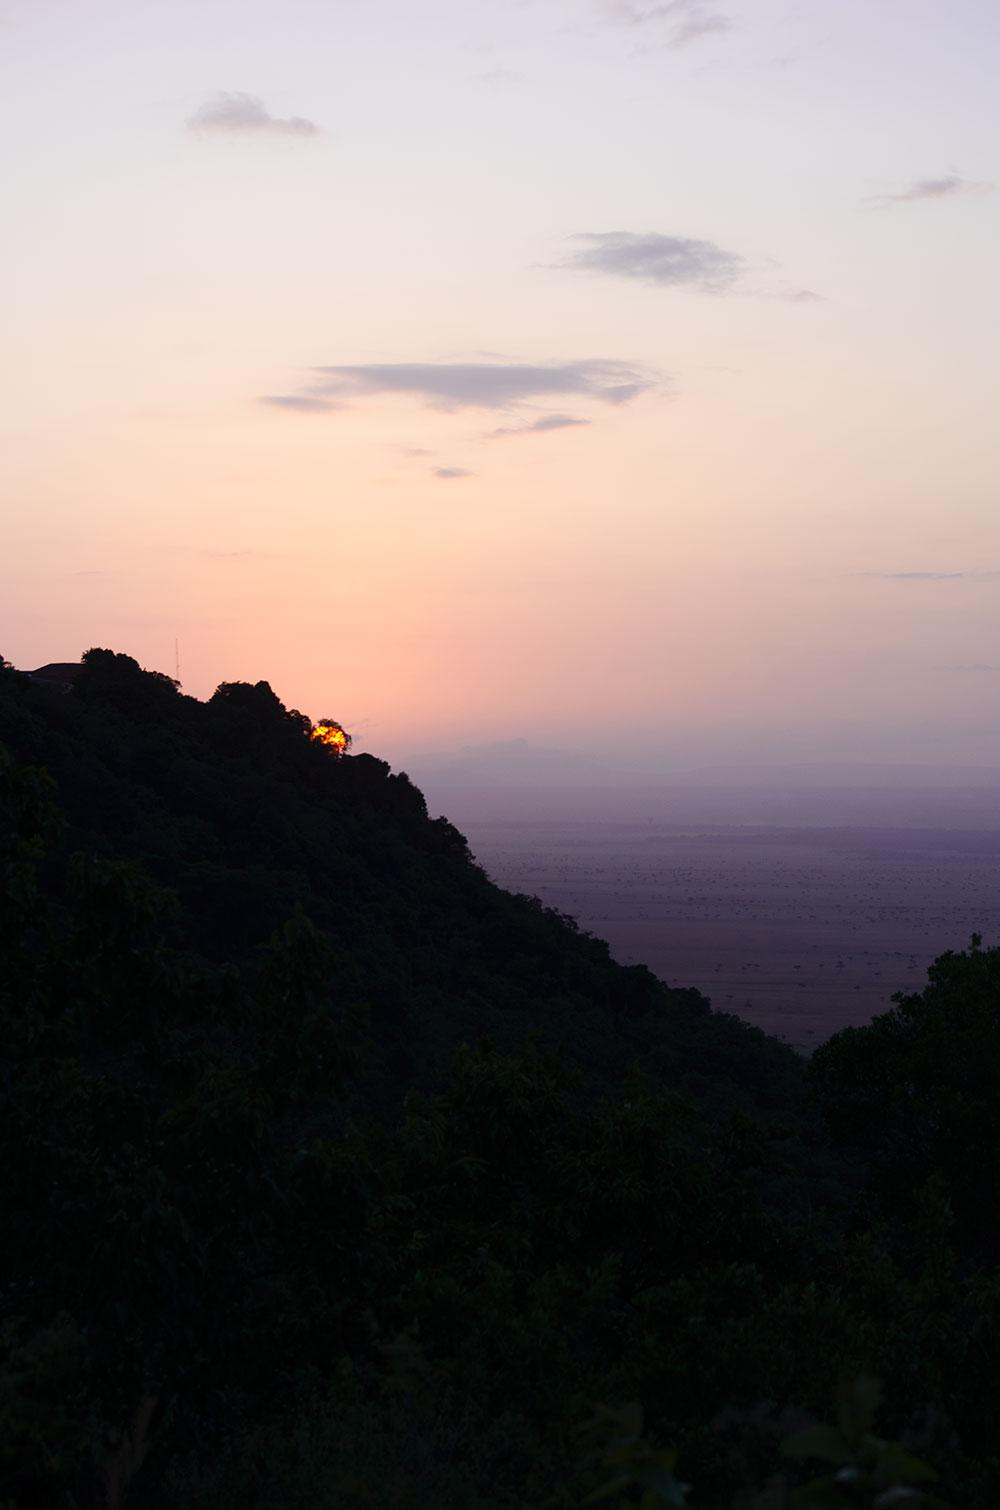 come organizzare un viaggio in kenya: l'alba sulla savana